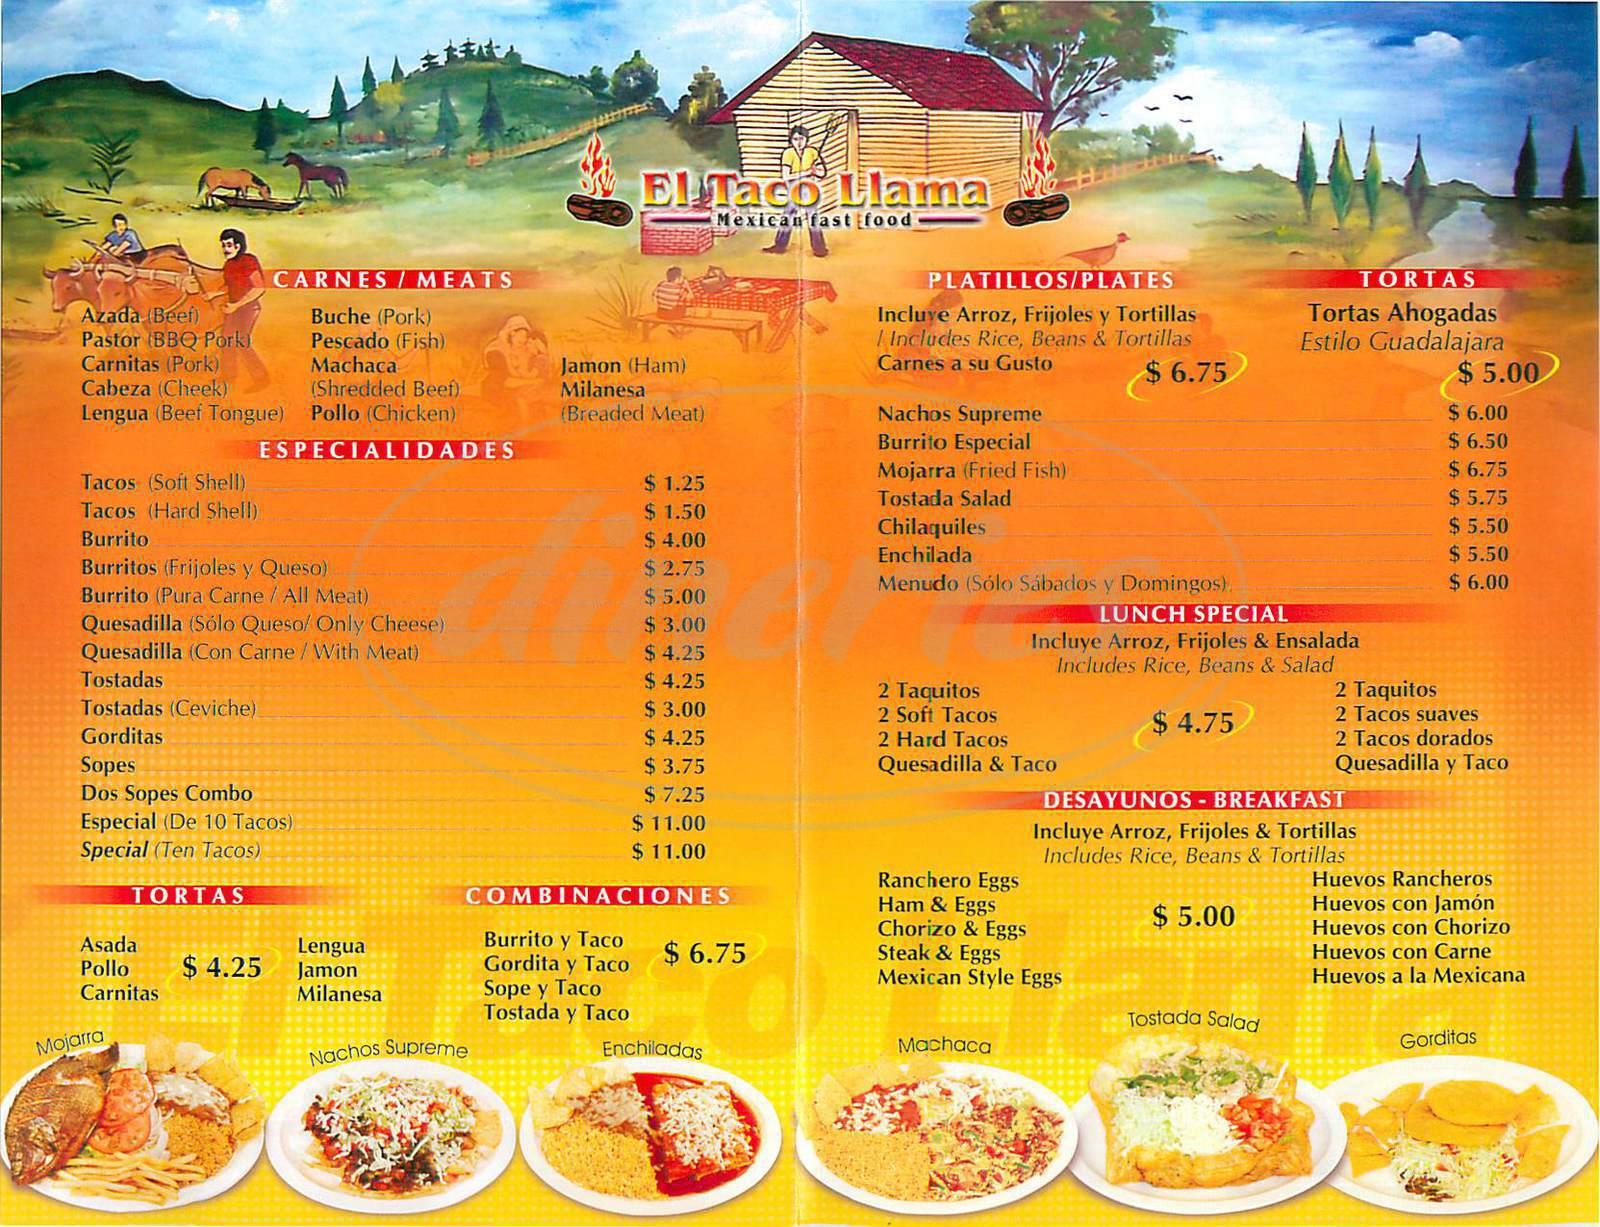 menu for El Taco Llama